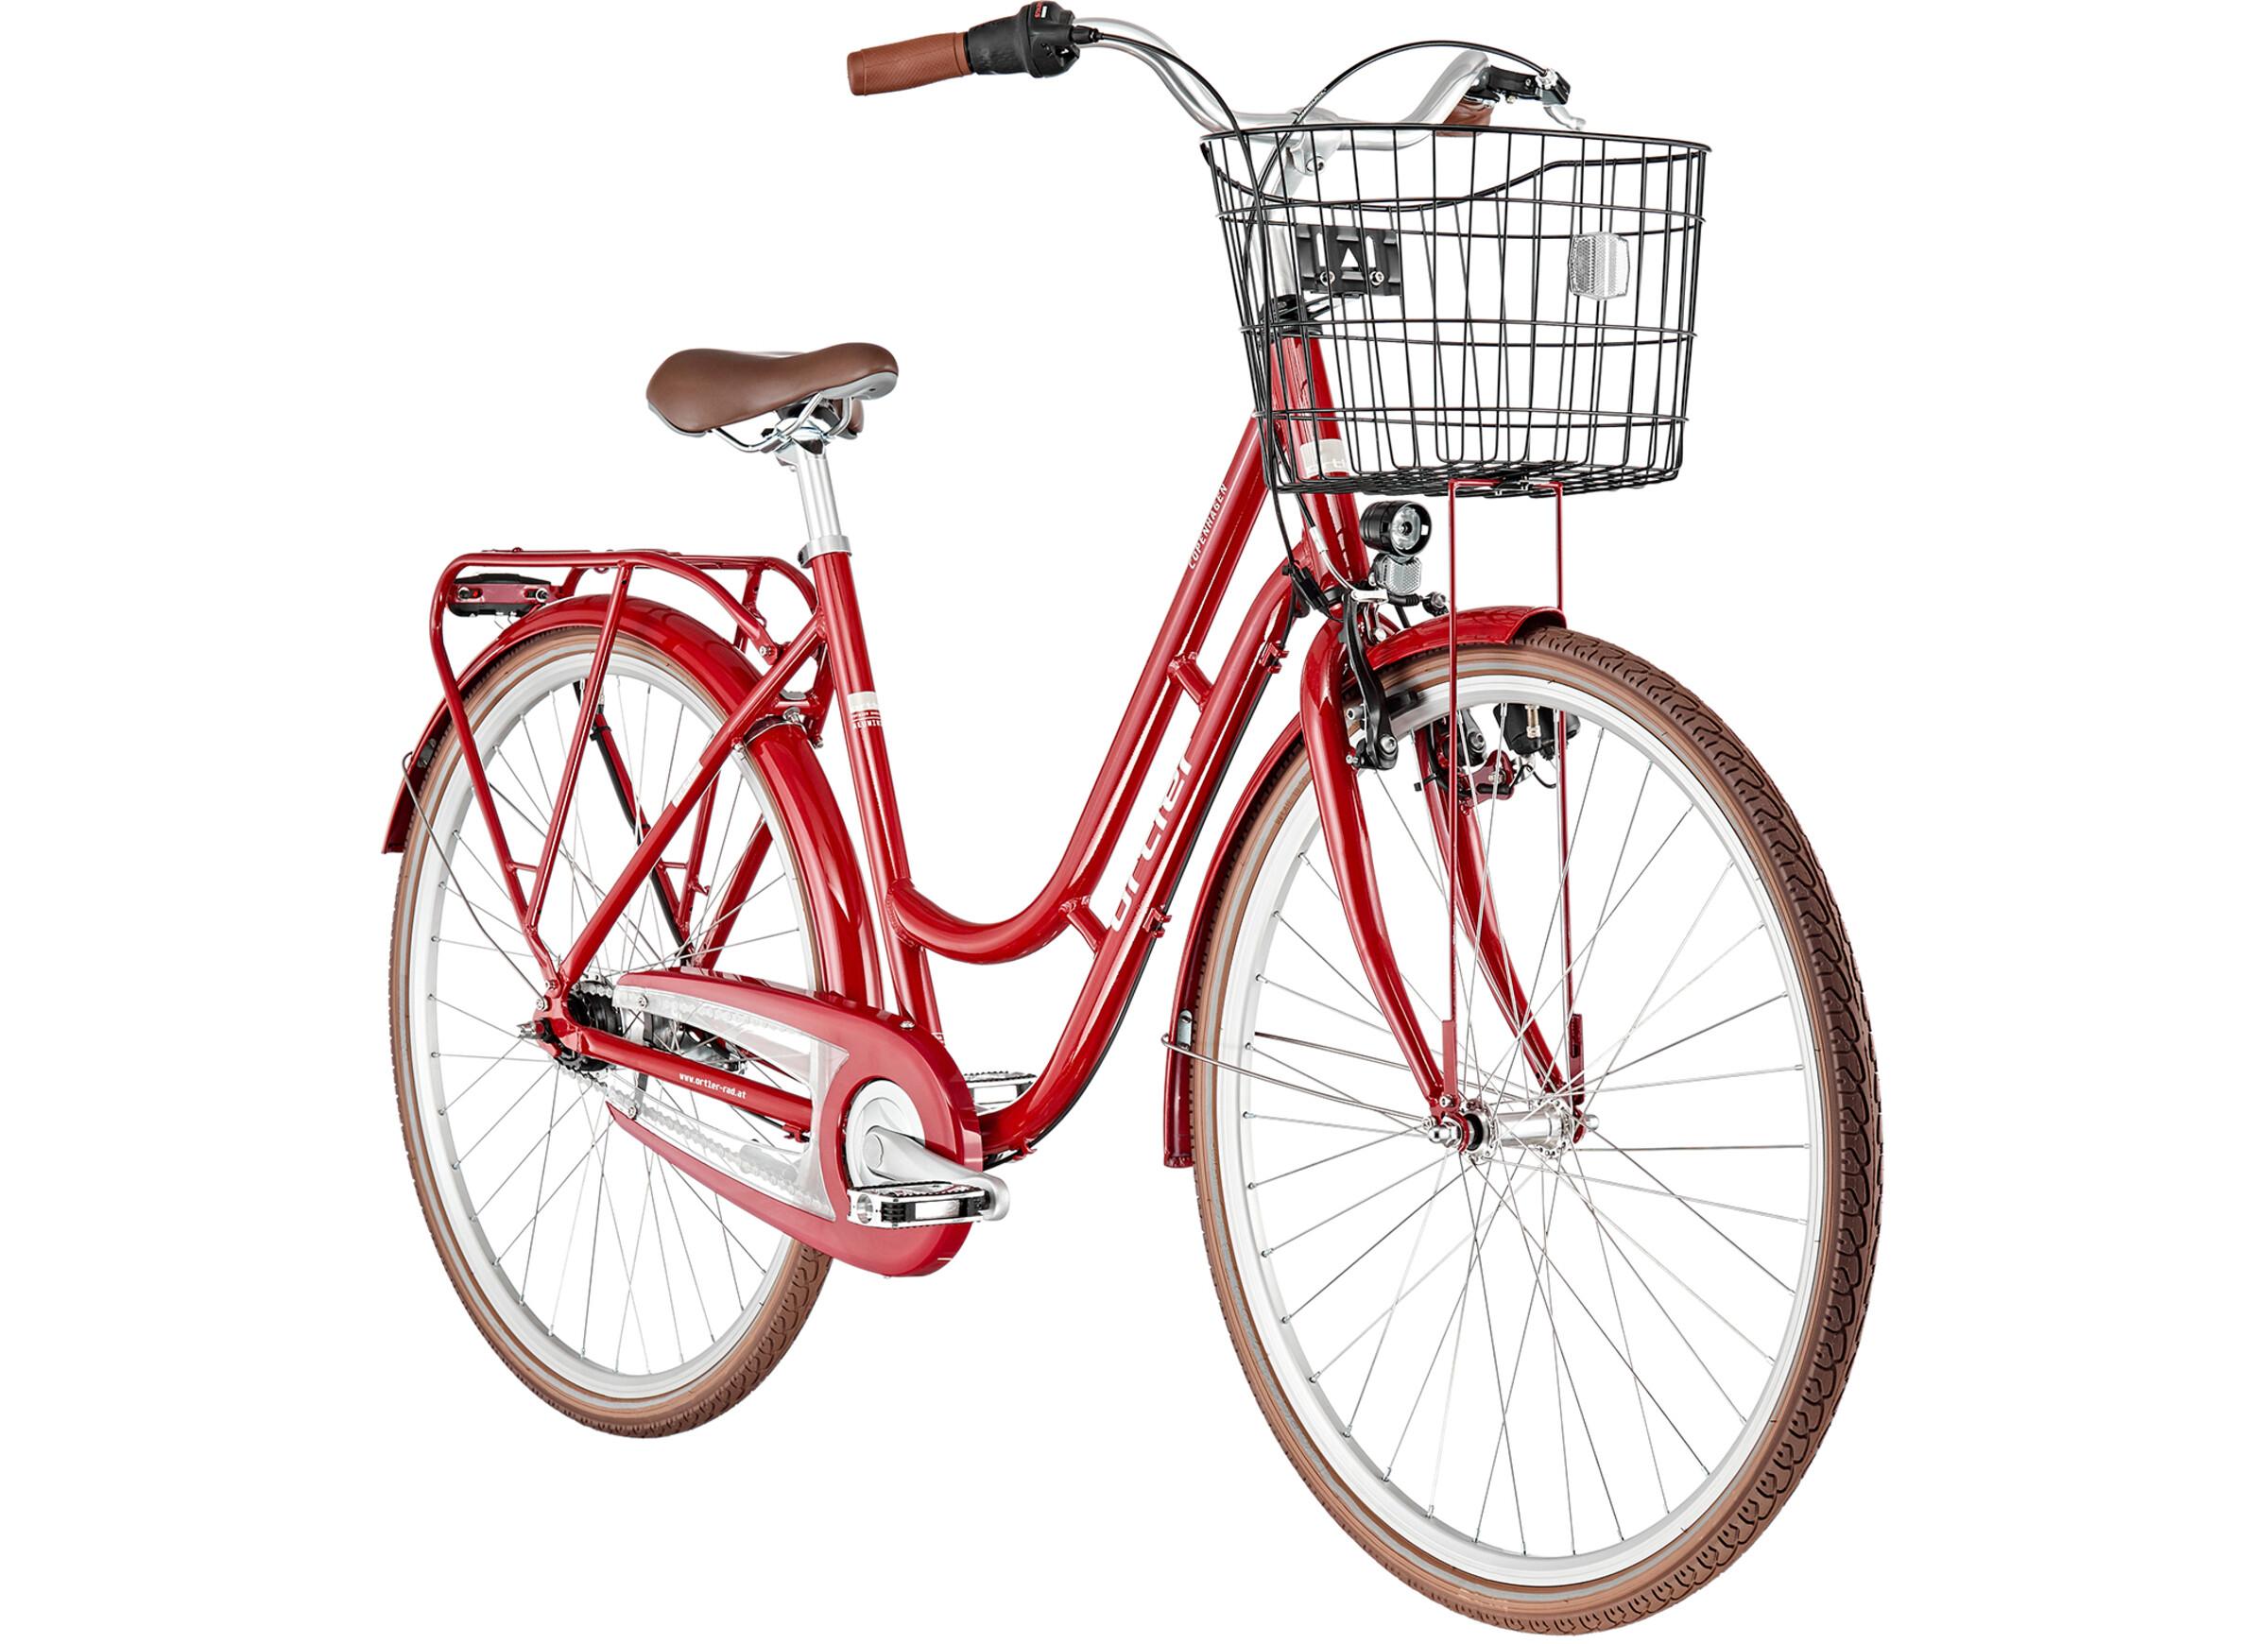 Ortler_Copenhagen_7-fach_Damen_candy_red[1920×1920]